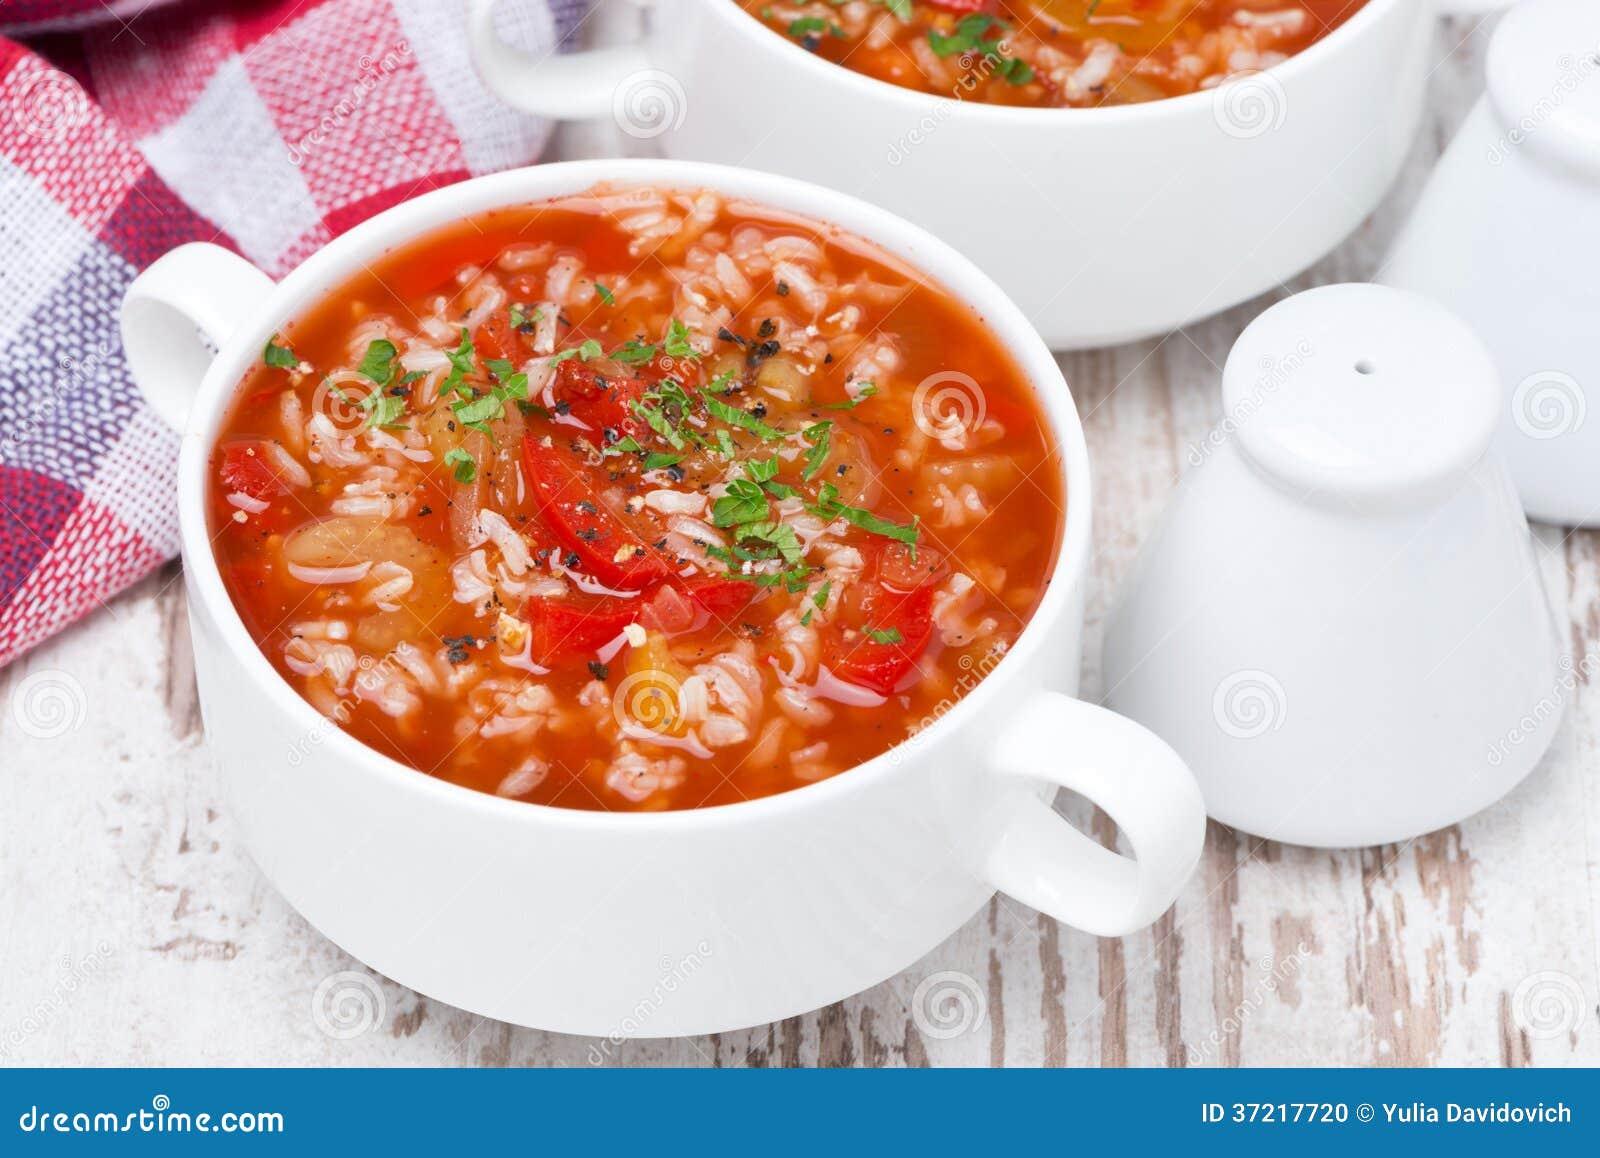 Tomatsoppa med ris och grönsaker i en bunke, bästa sikt